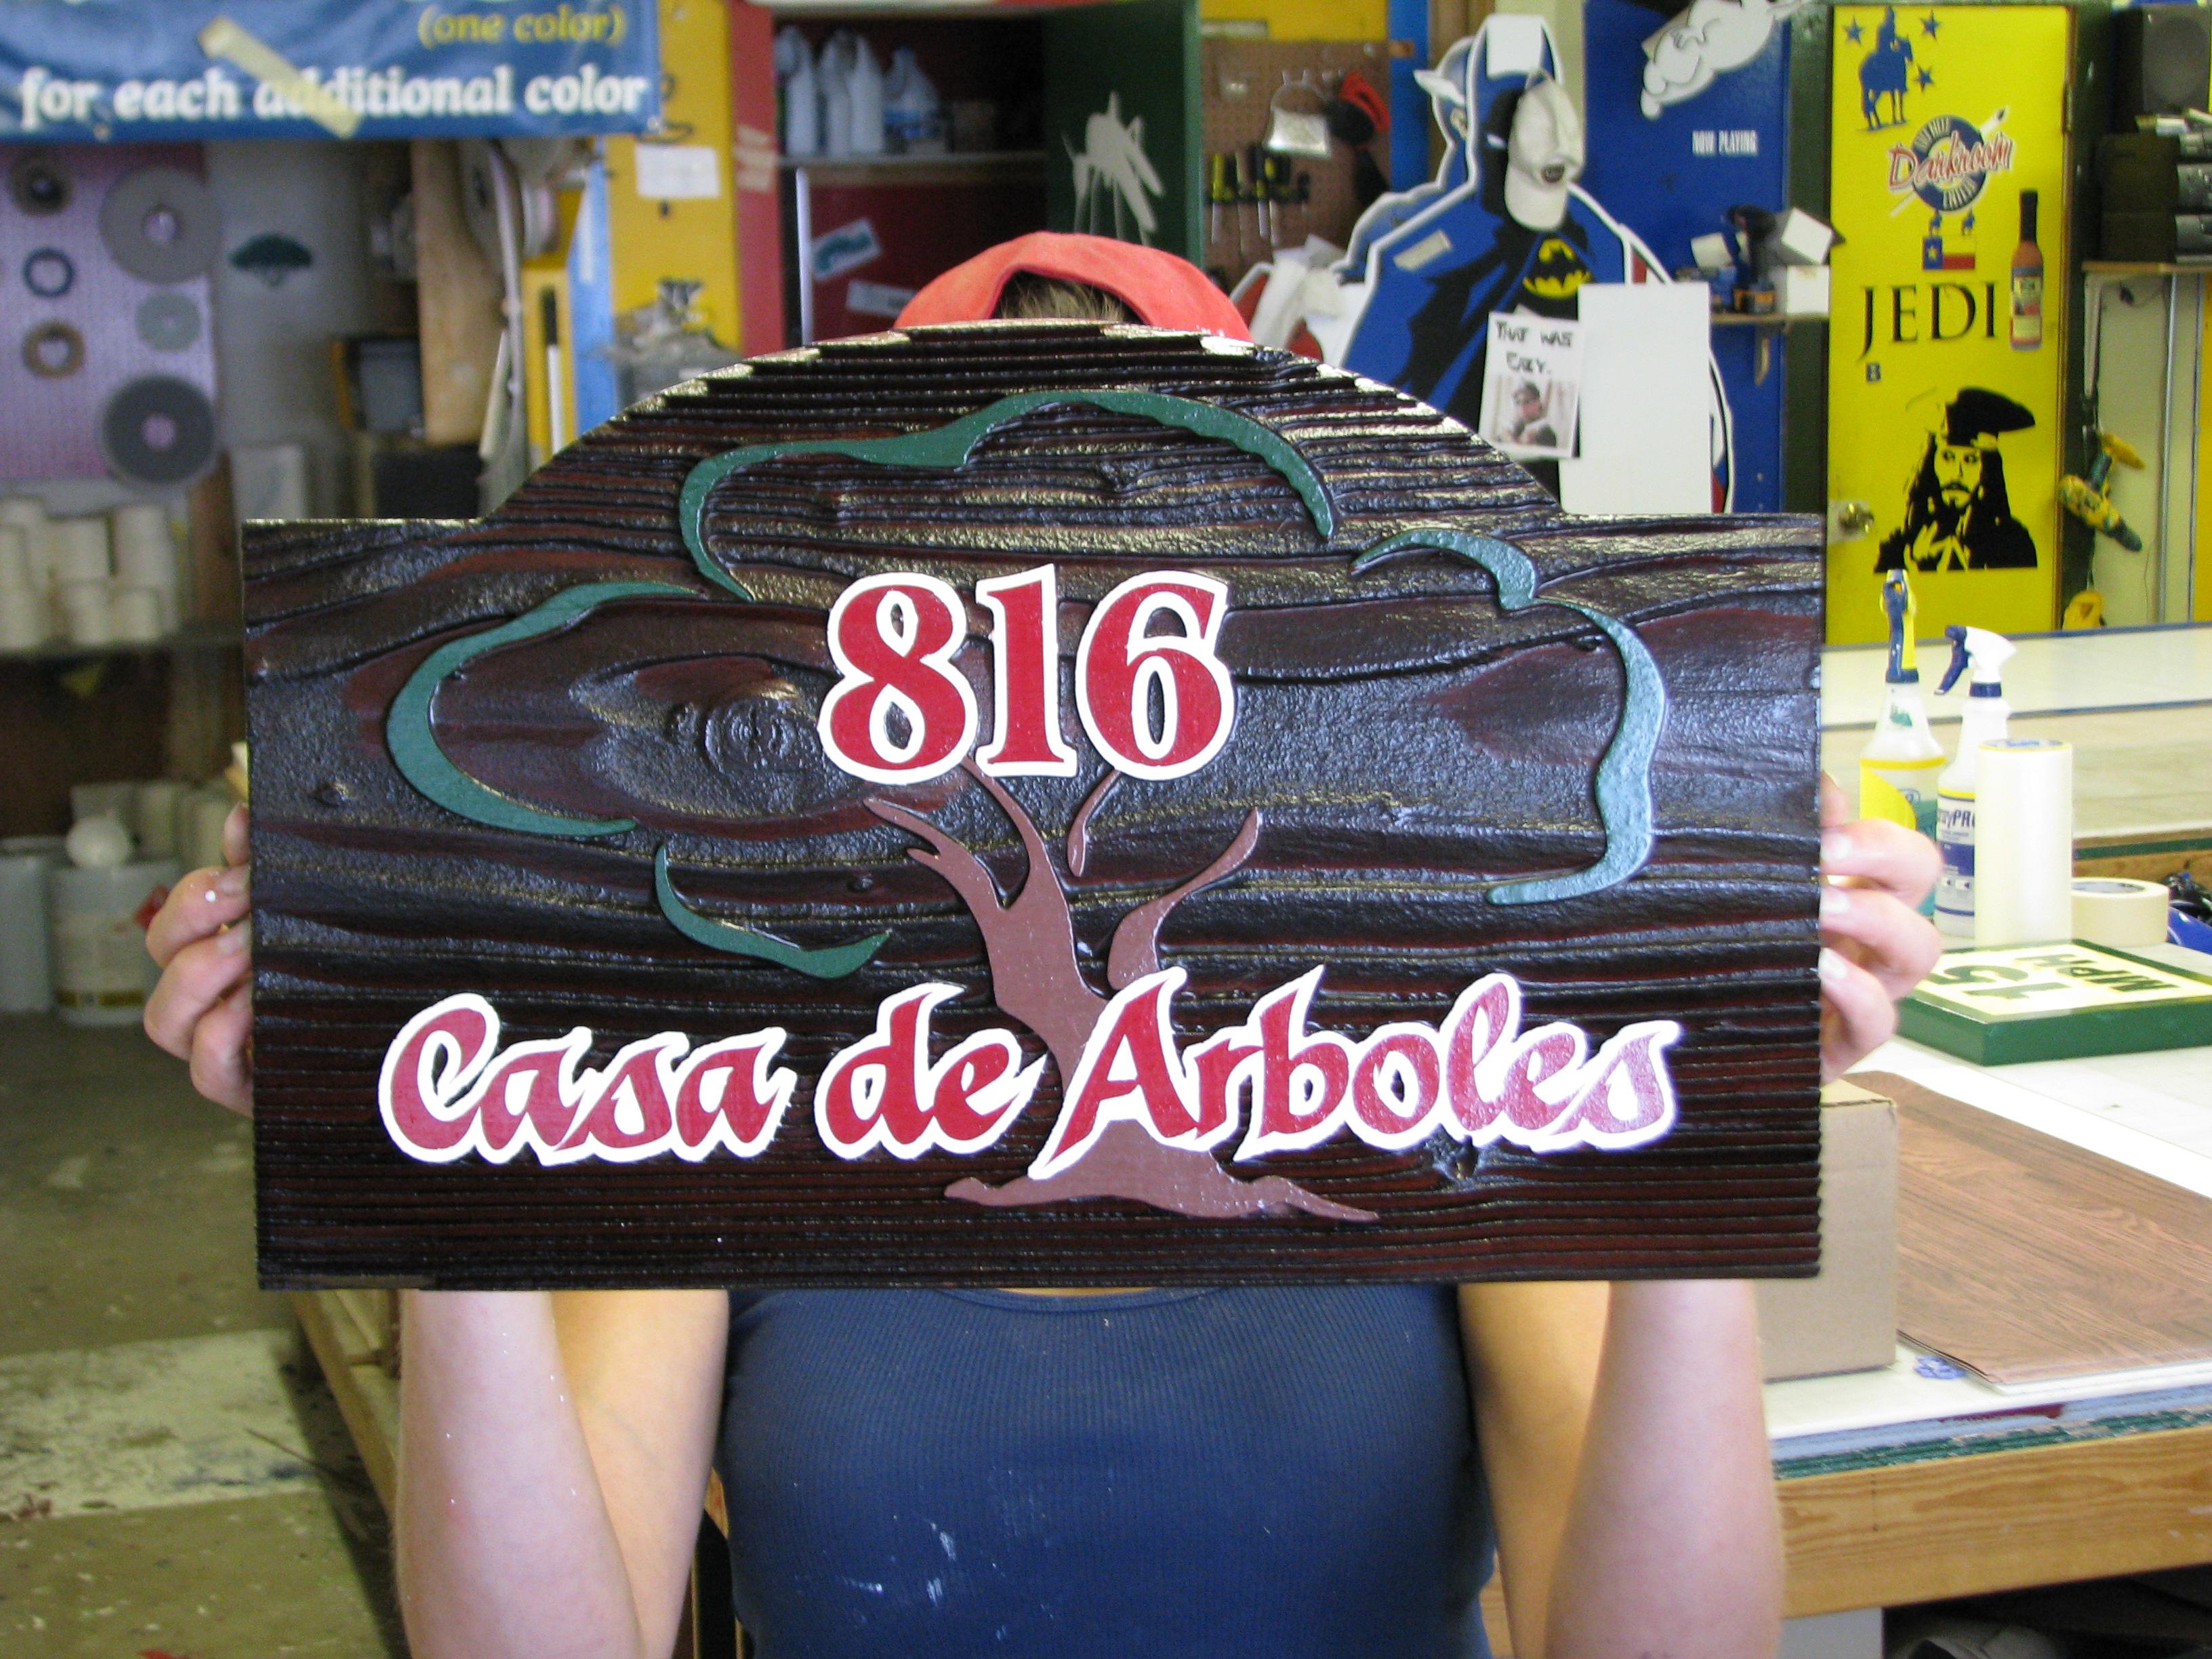 Adkins & Associates - lk14539.jpg